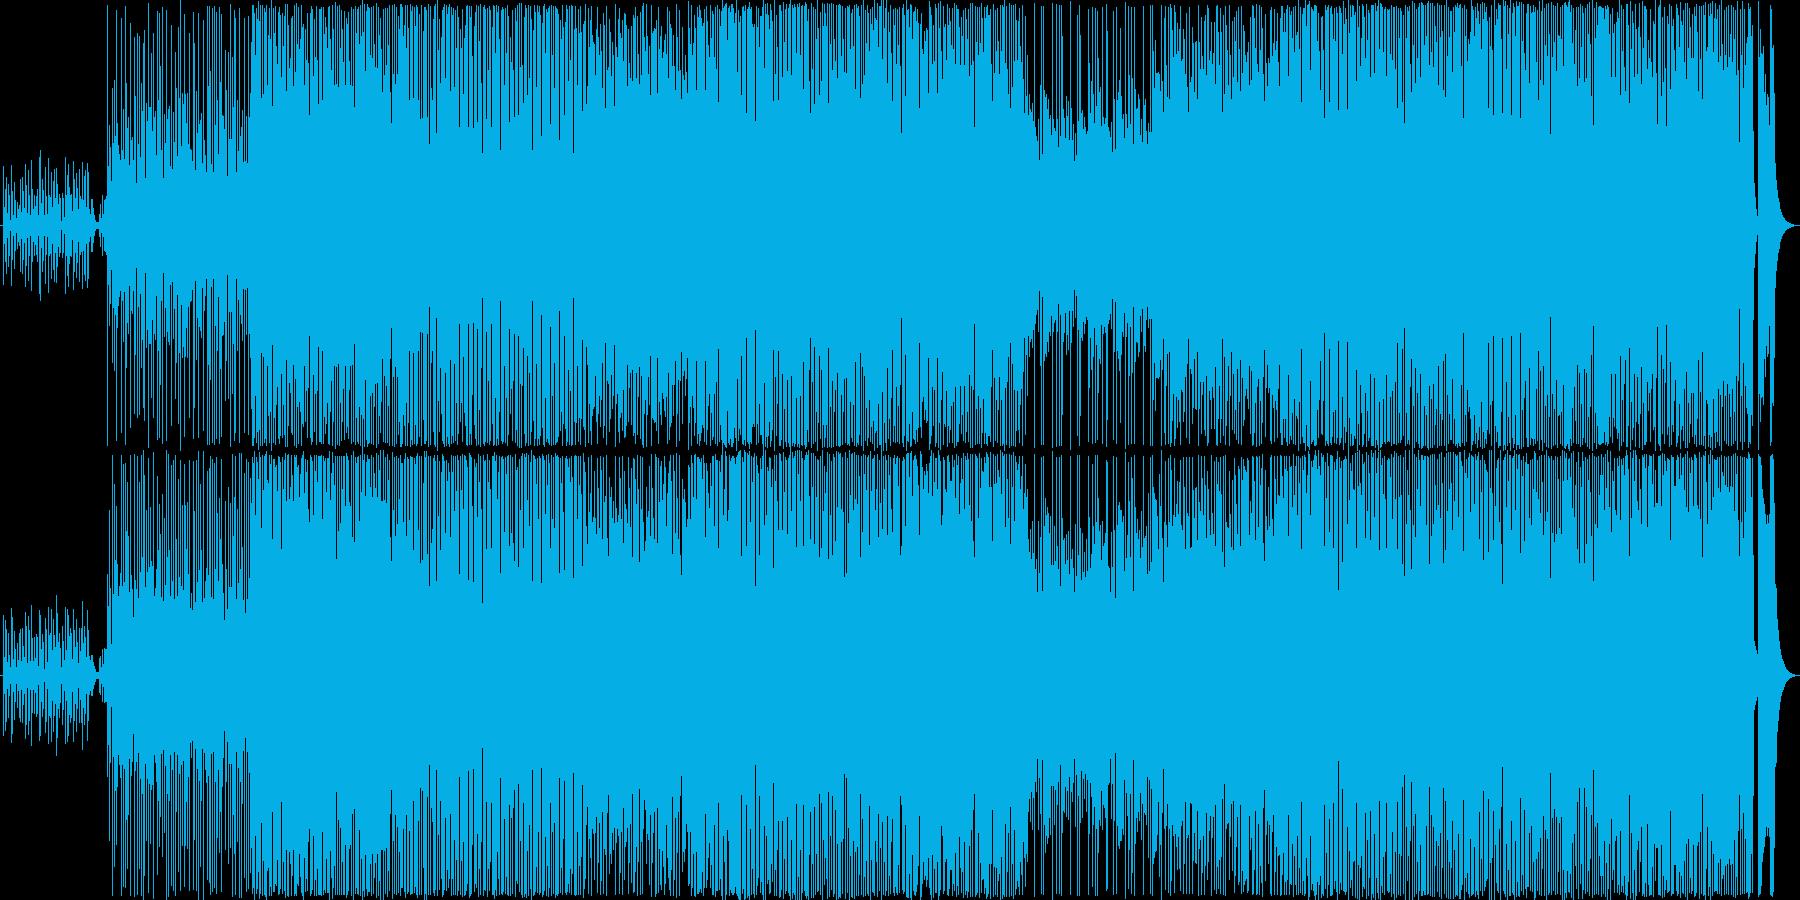 明るいほのぼのアップテンポなカントリー風の再生済みの波形